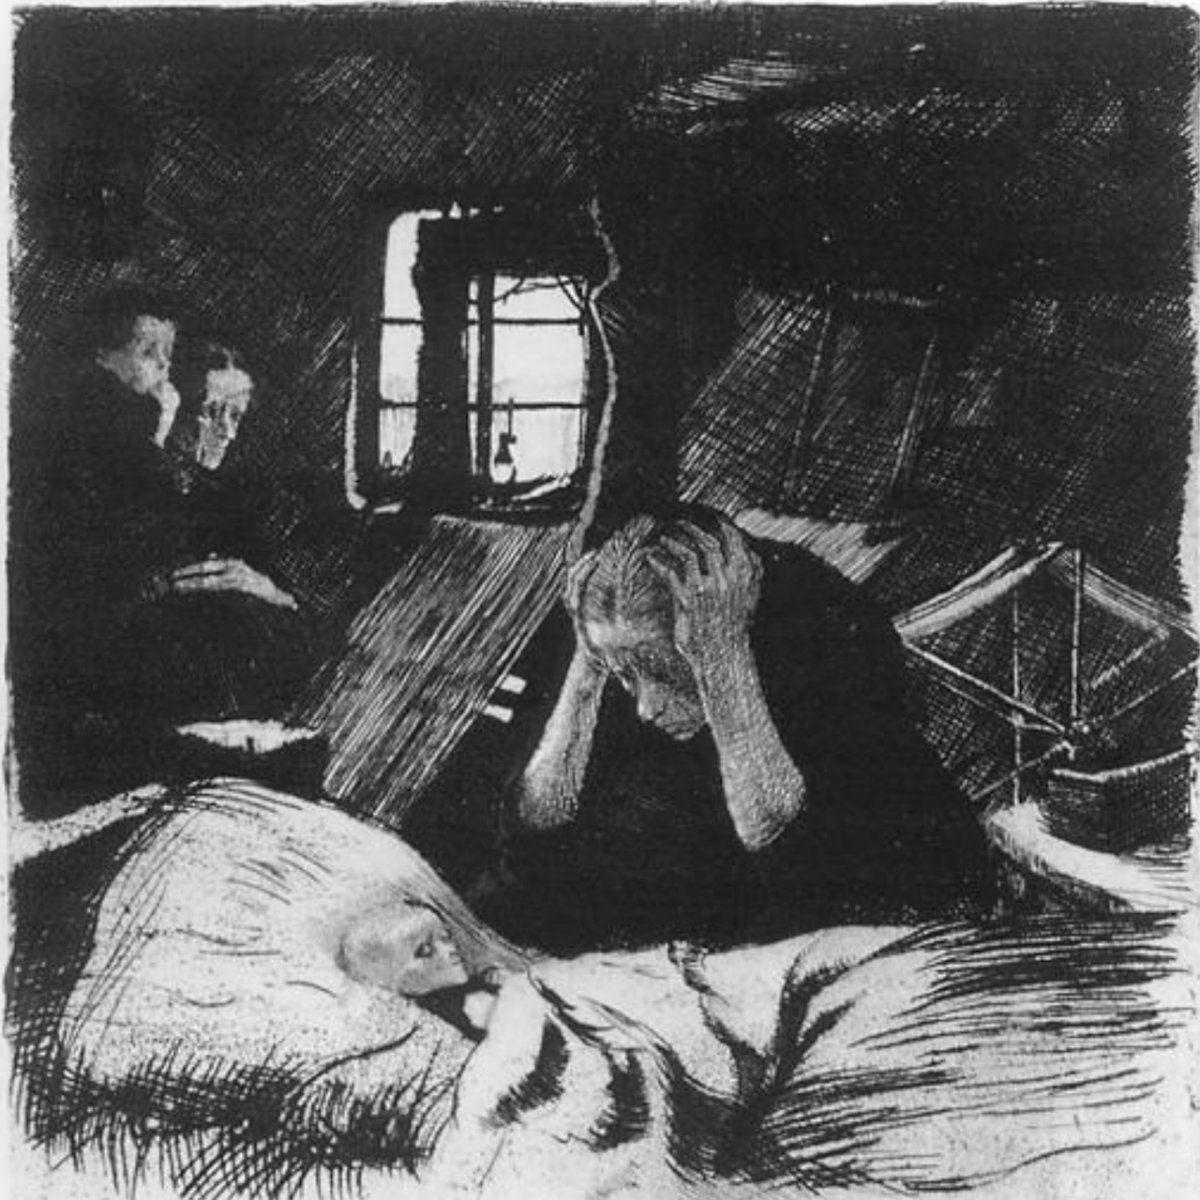 الفقـر للفنانة الألمانية كاثـي كولفيـتز 1893 ترسم أم ا شاب ة وهي تنحني بيأس فوق طفلها الذي يحتضر في السرير أمامها Kathe Kollwitz Kathe Kollwitz Artwork Art